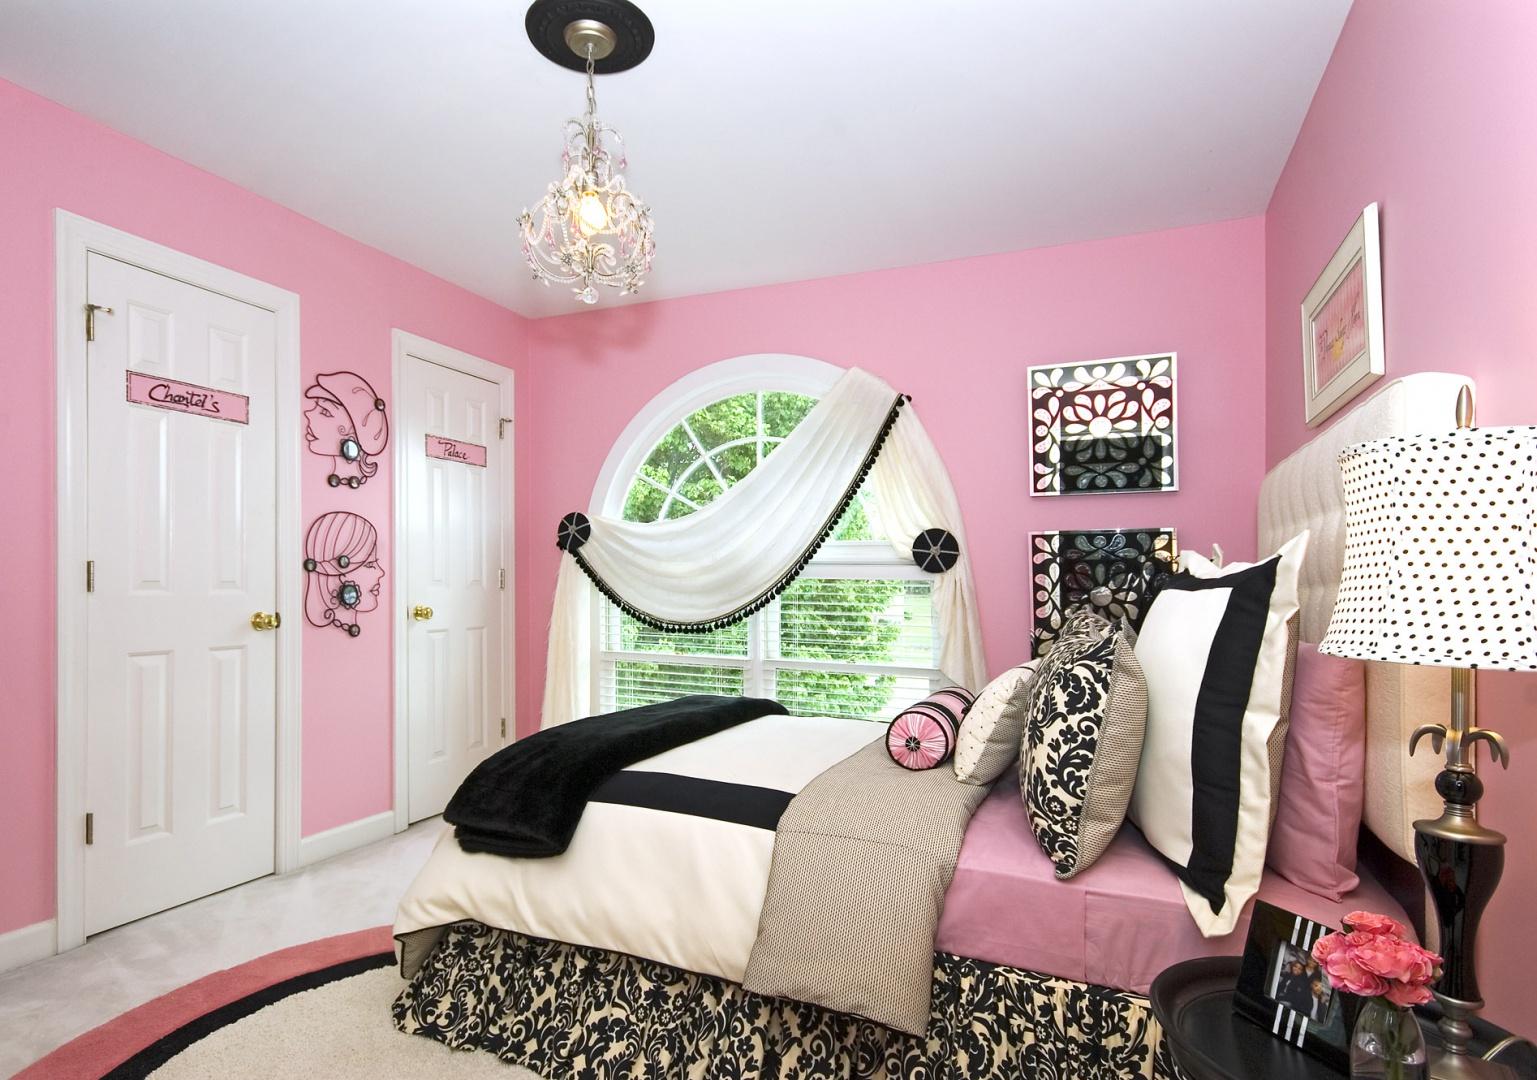 Róż, biel, czerń i połyskujące dekoracje to przepis na ciekawą aranżacje w stylu glamour. Charakteru nadają tkaniny ze wzorem inspirowanym umaszczeniem zebry. Fot. Links Service.